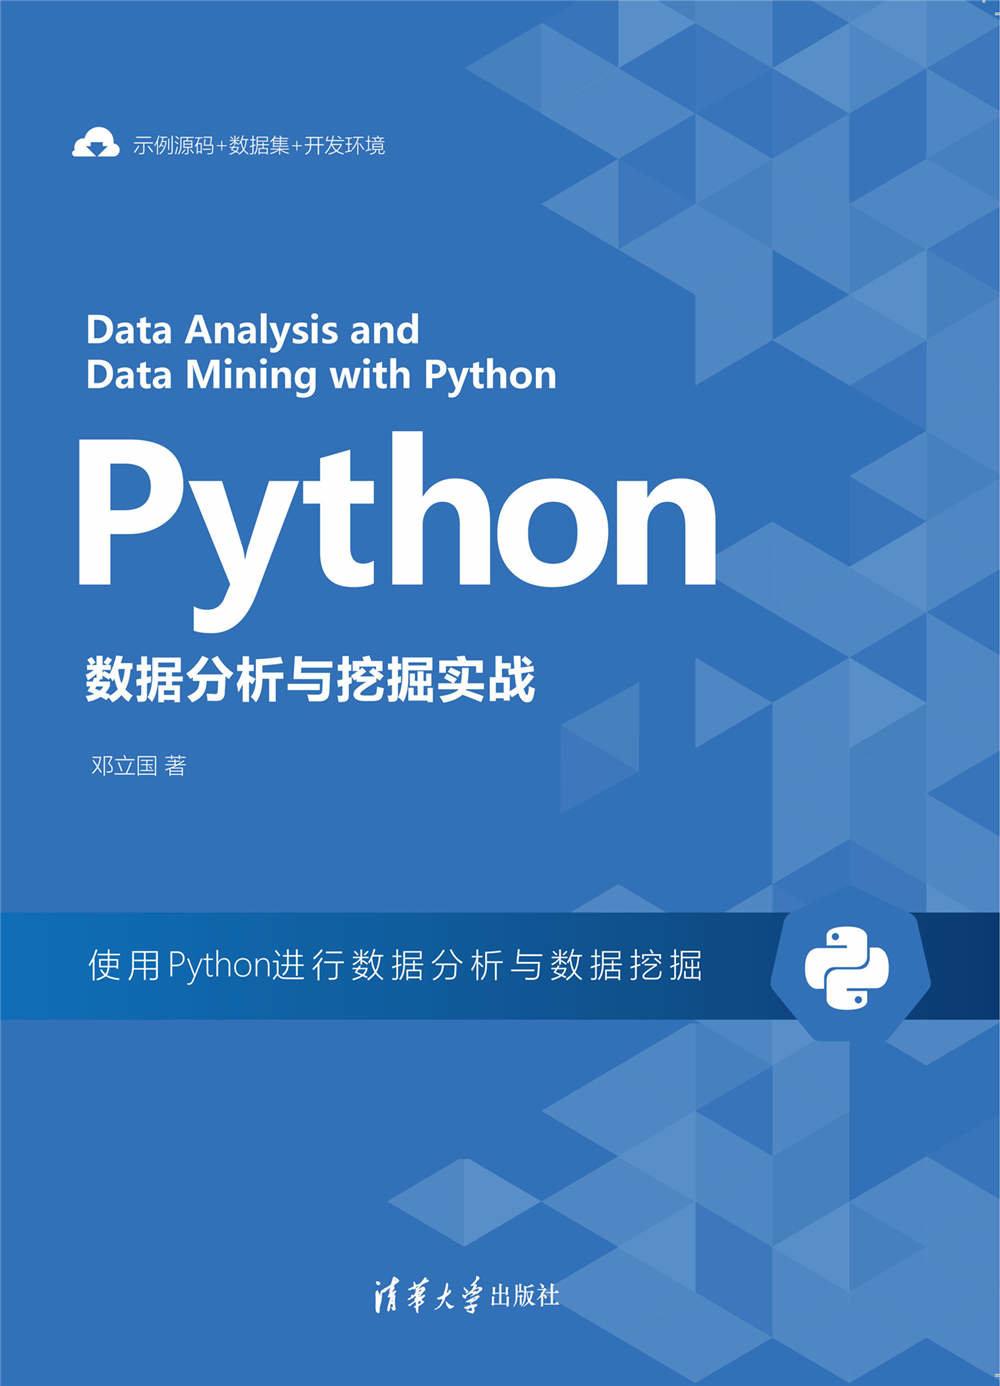 Python 數據分析與挖掘實戰-preview-1